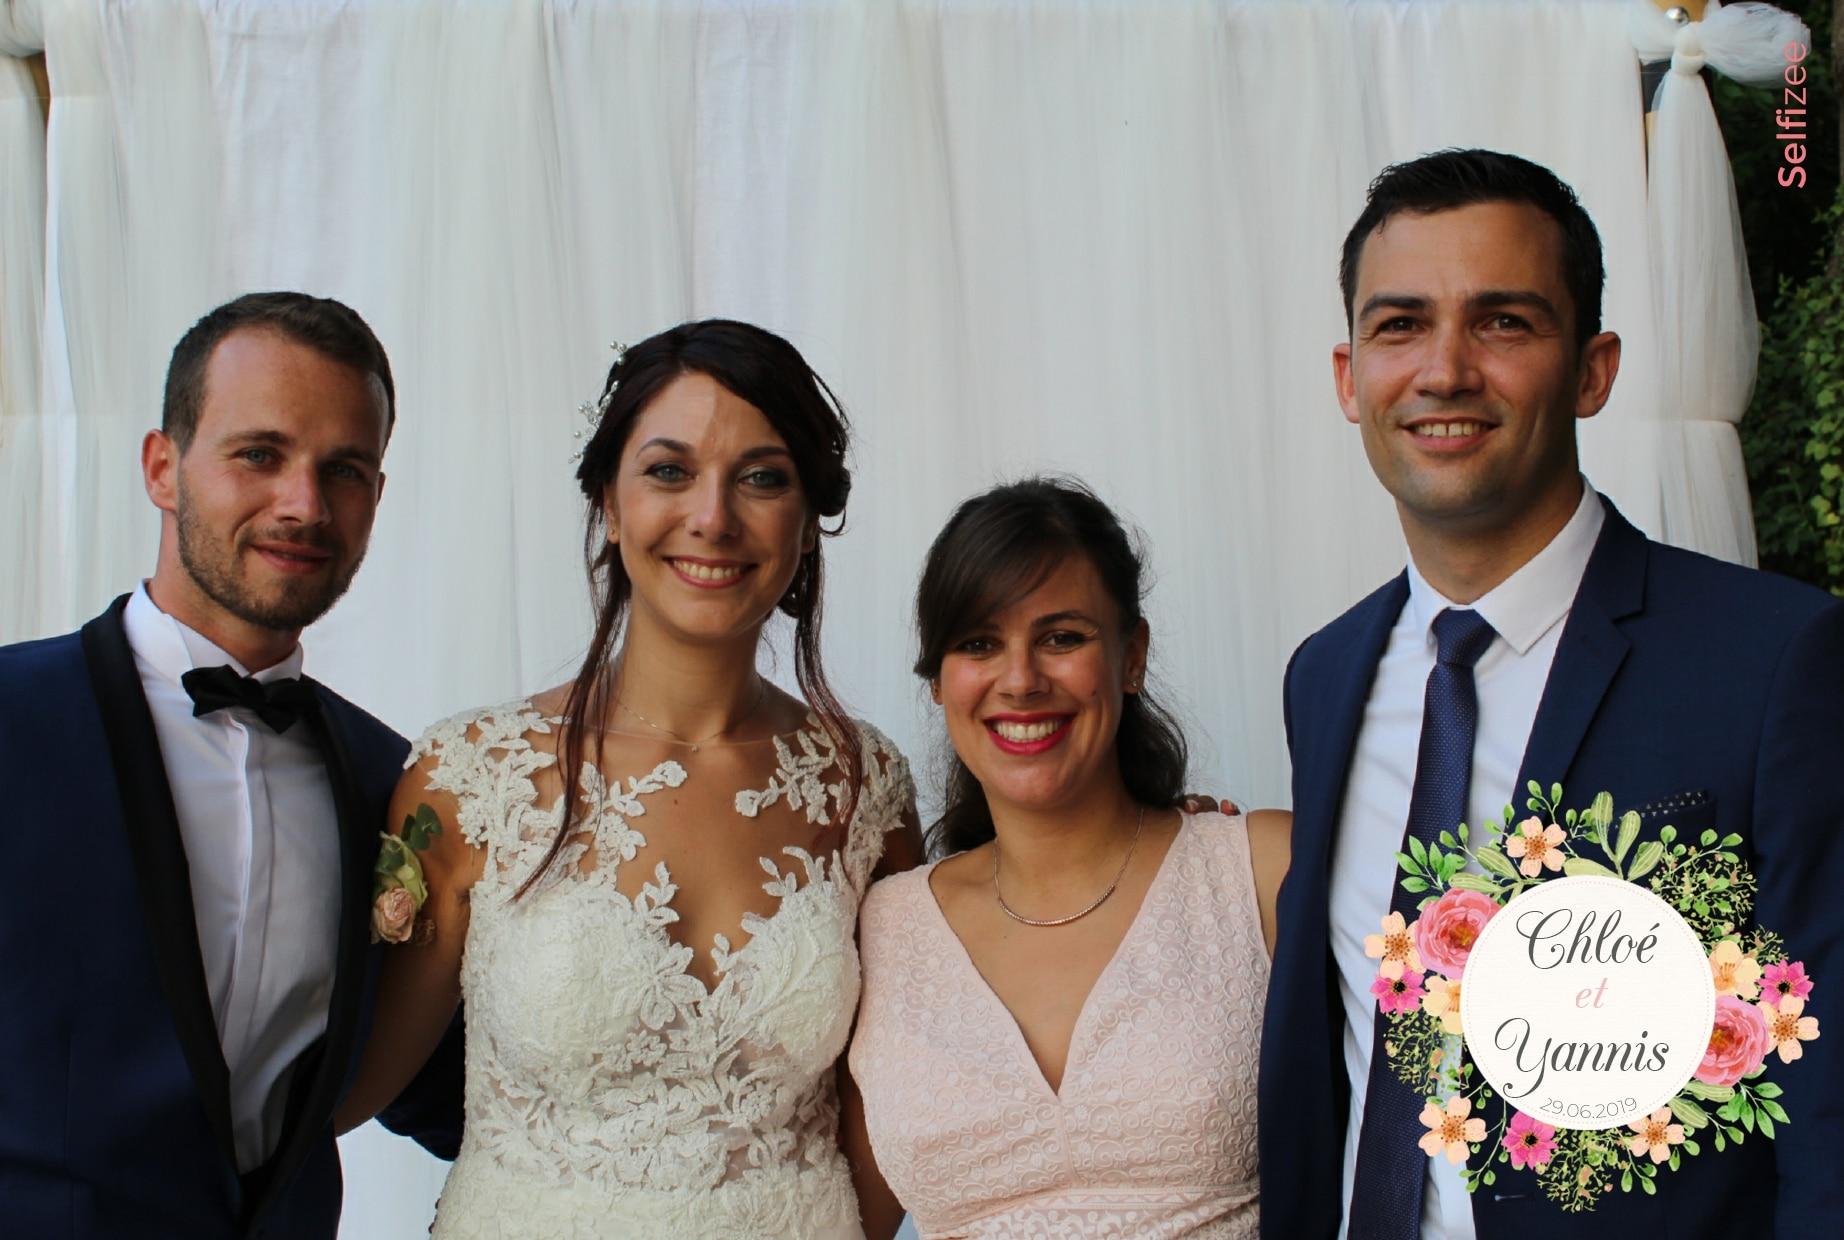 Animation photobooth mariage avec impressions selfies - borne photo à louer pour mariage et fête à Cannes et dans les Alpes Maritimes